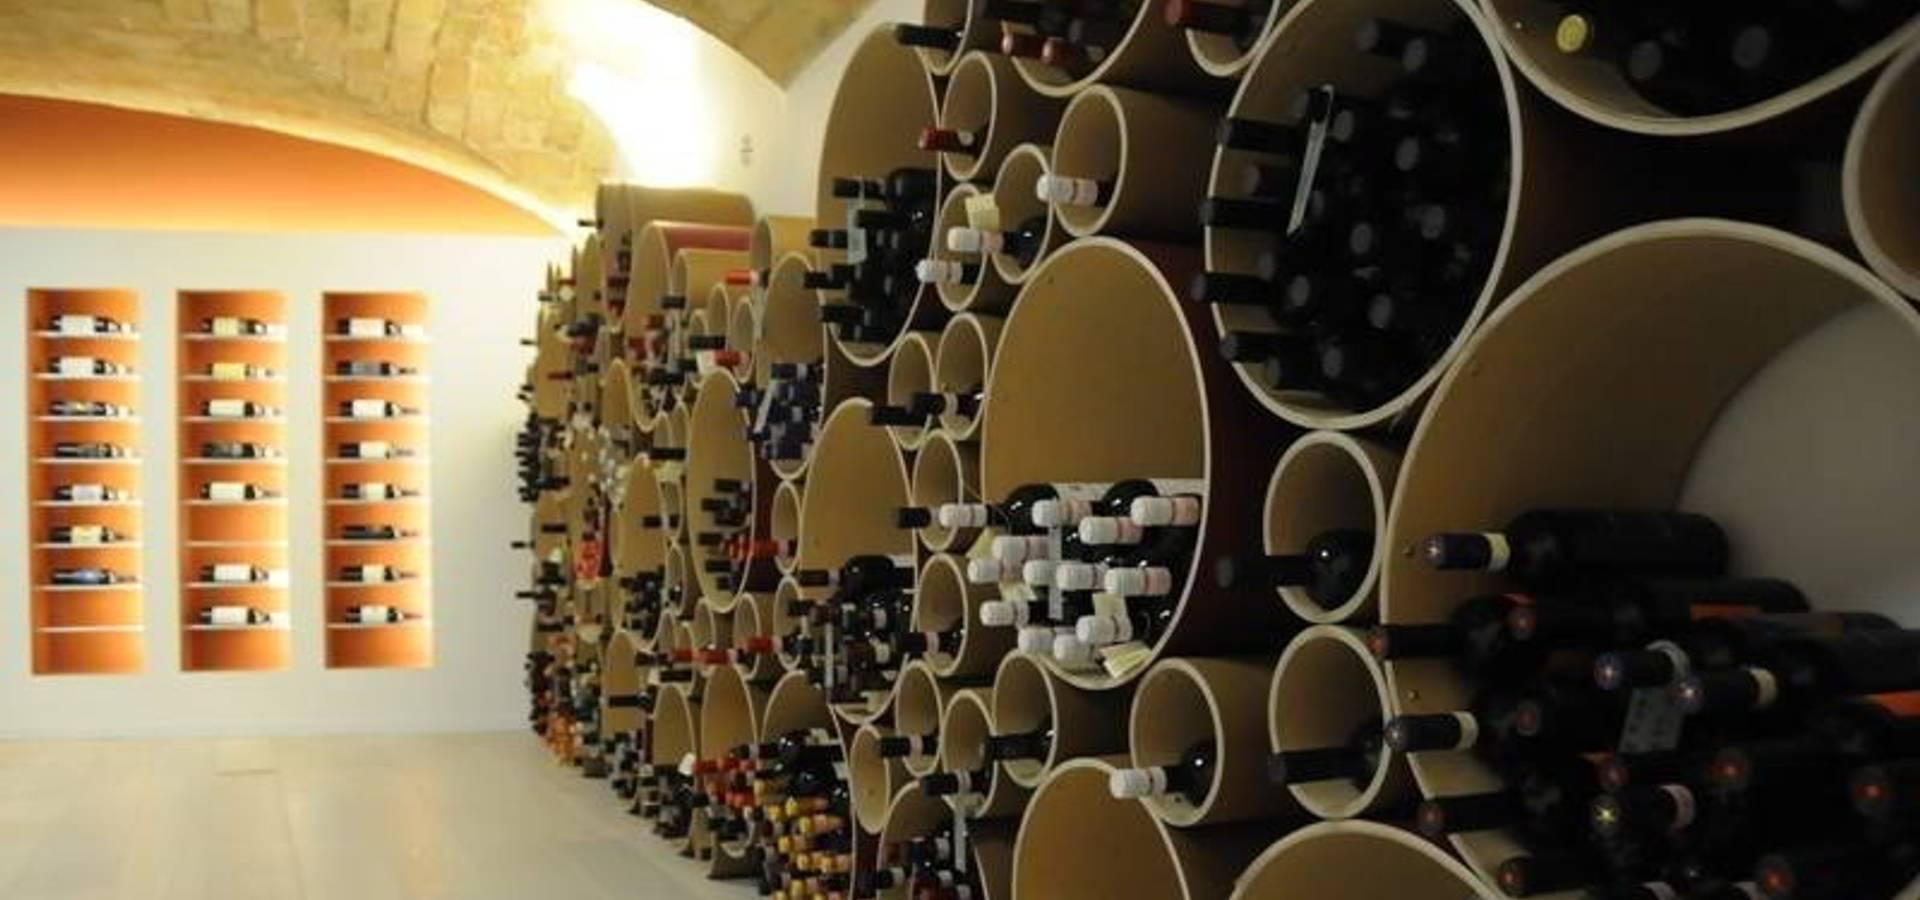 Arredamento esigo per enoteca e punto vendita vino di for Arredamento cantina vino